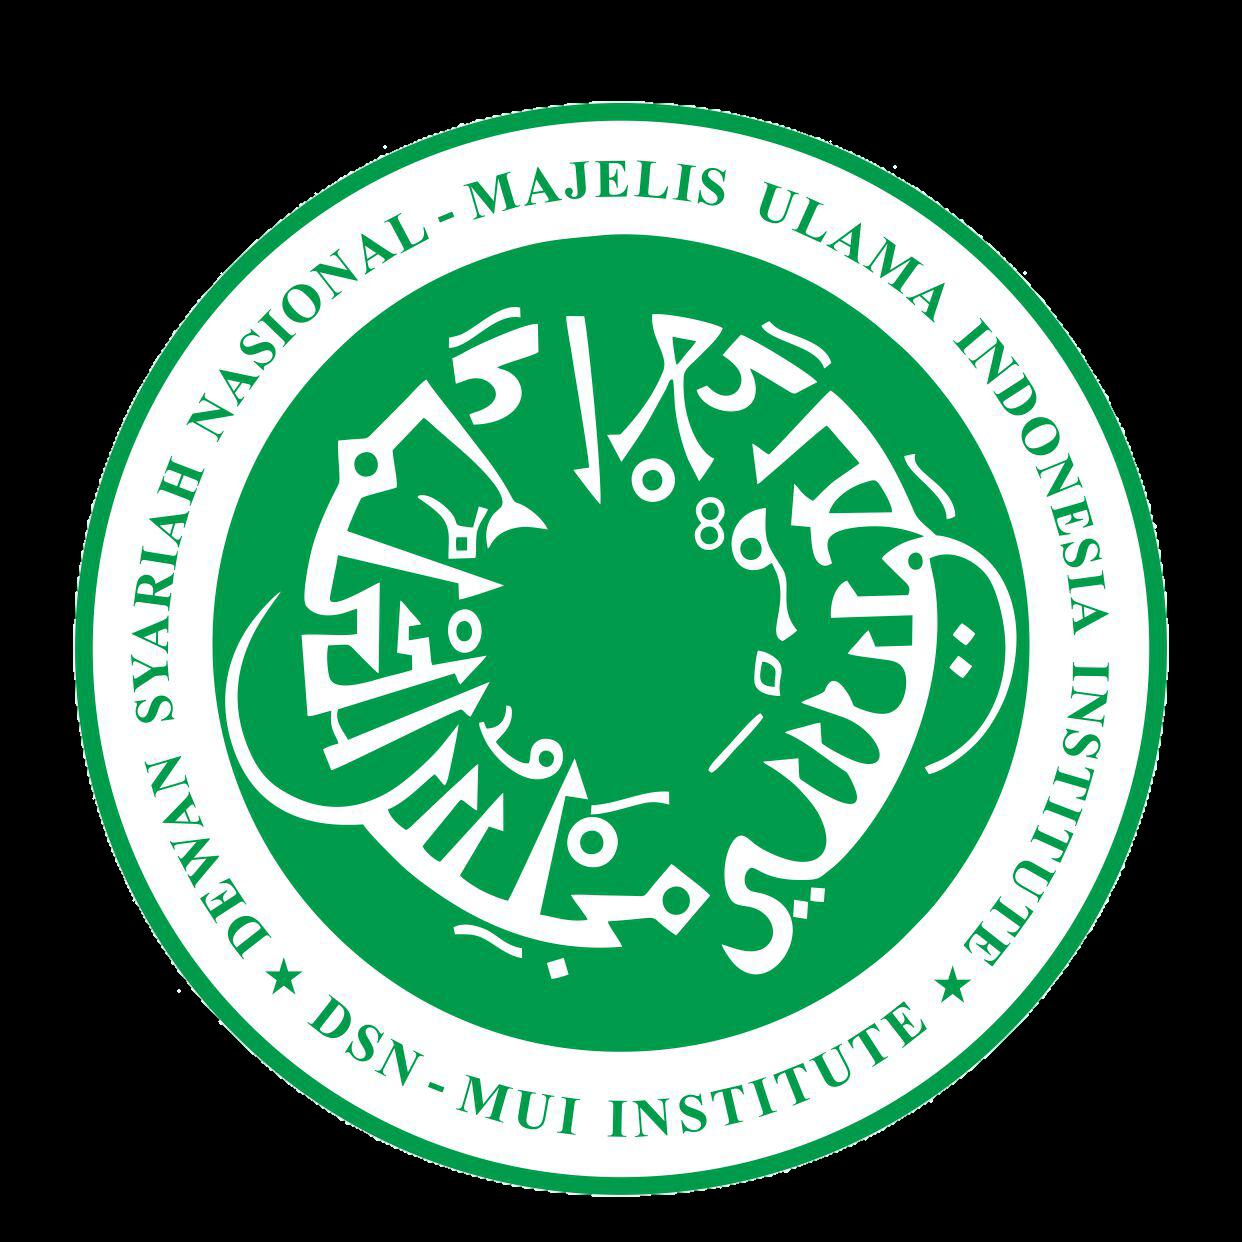 dsn institute